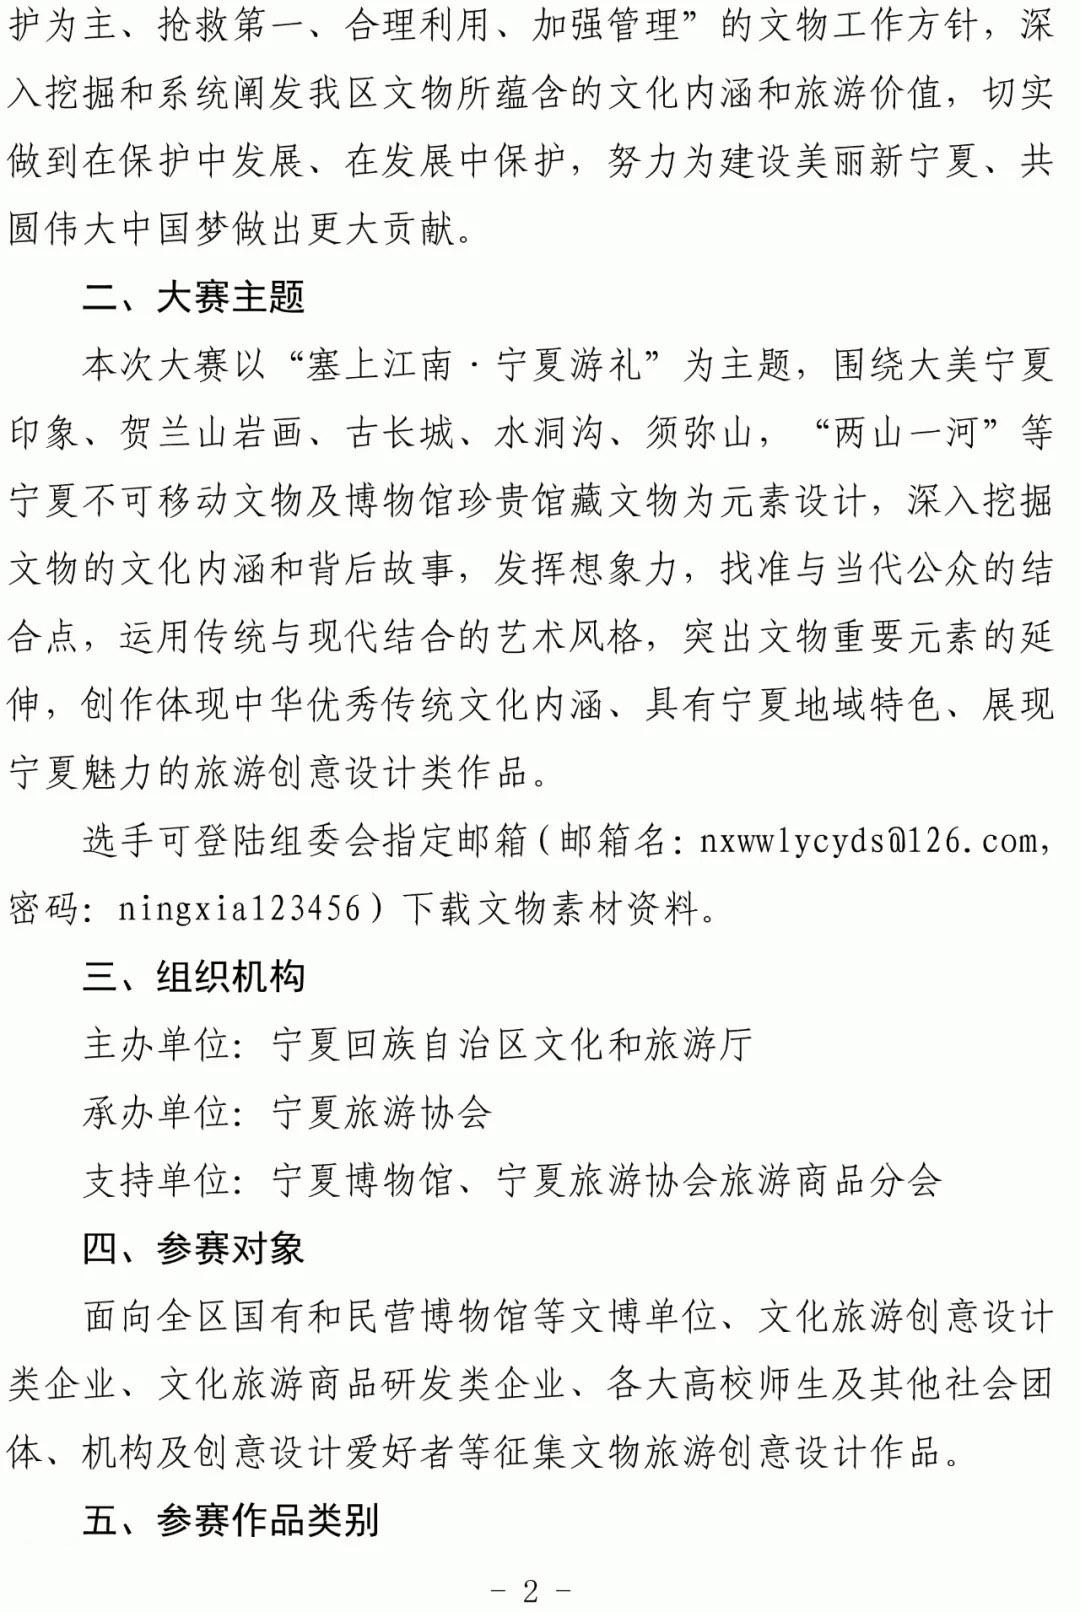 2019年寧夏文物旅遊創意大賽-02